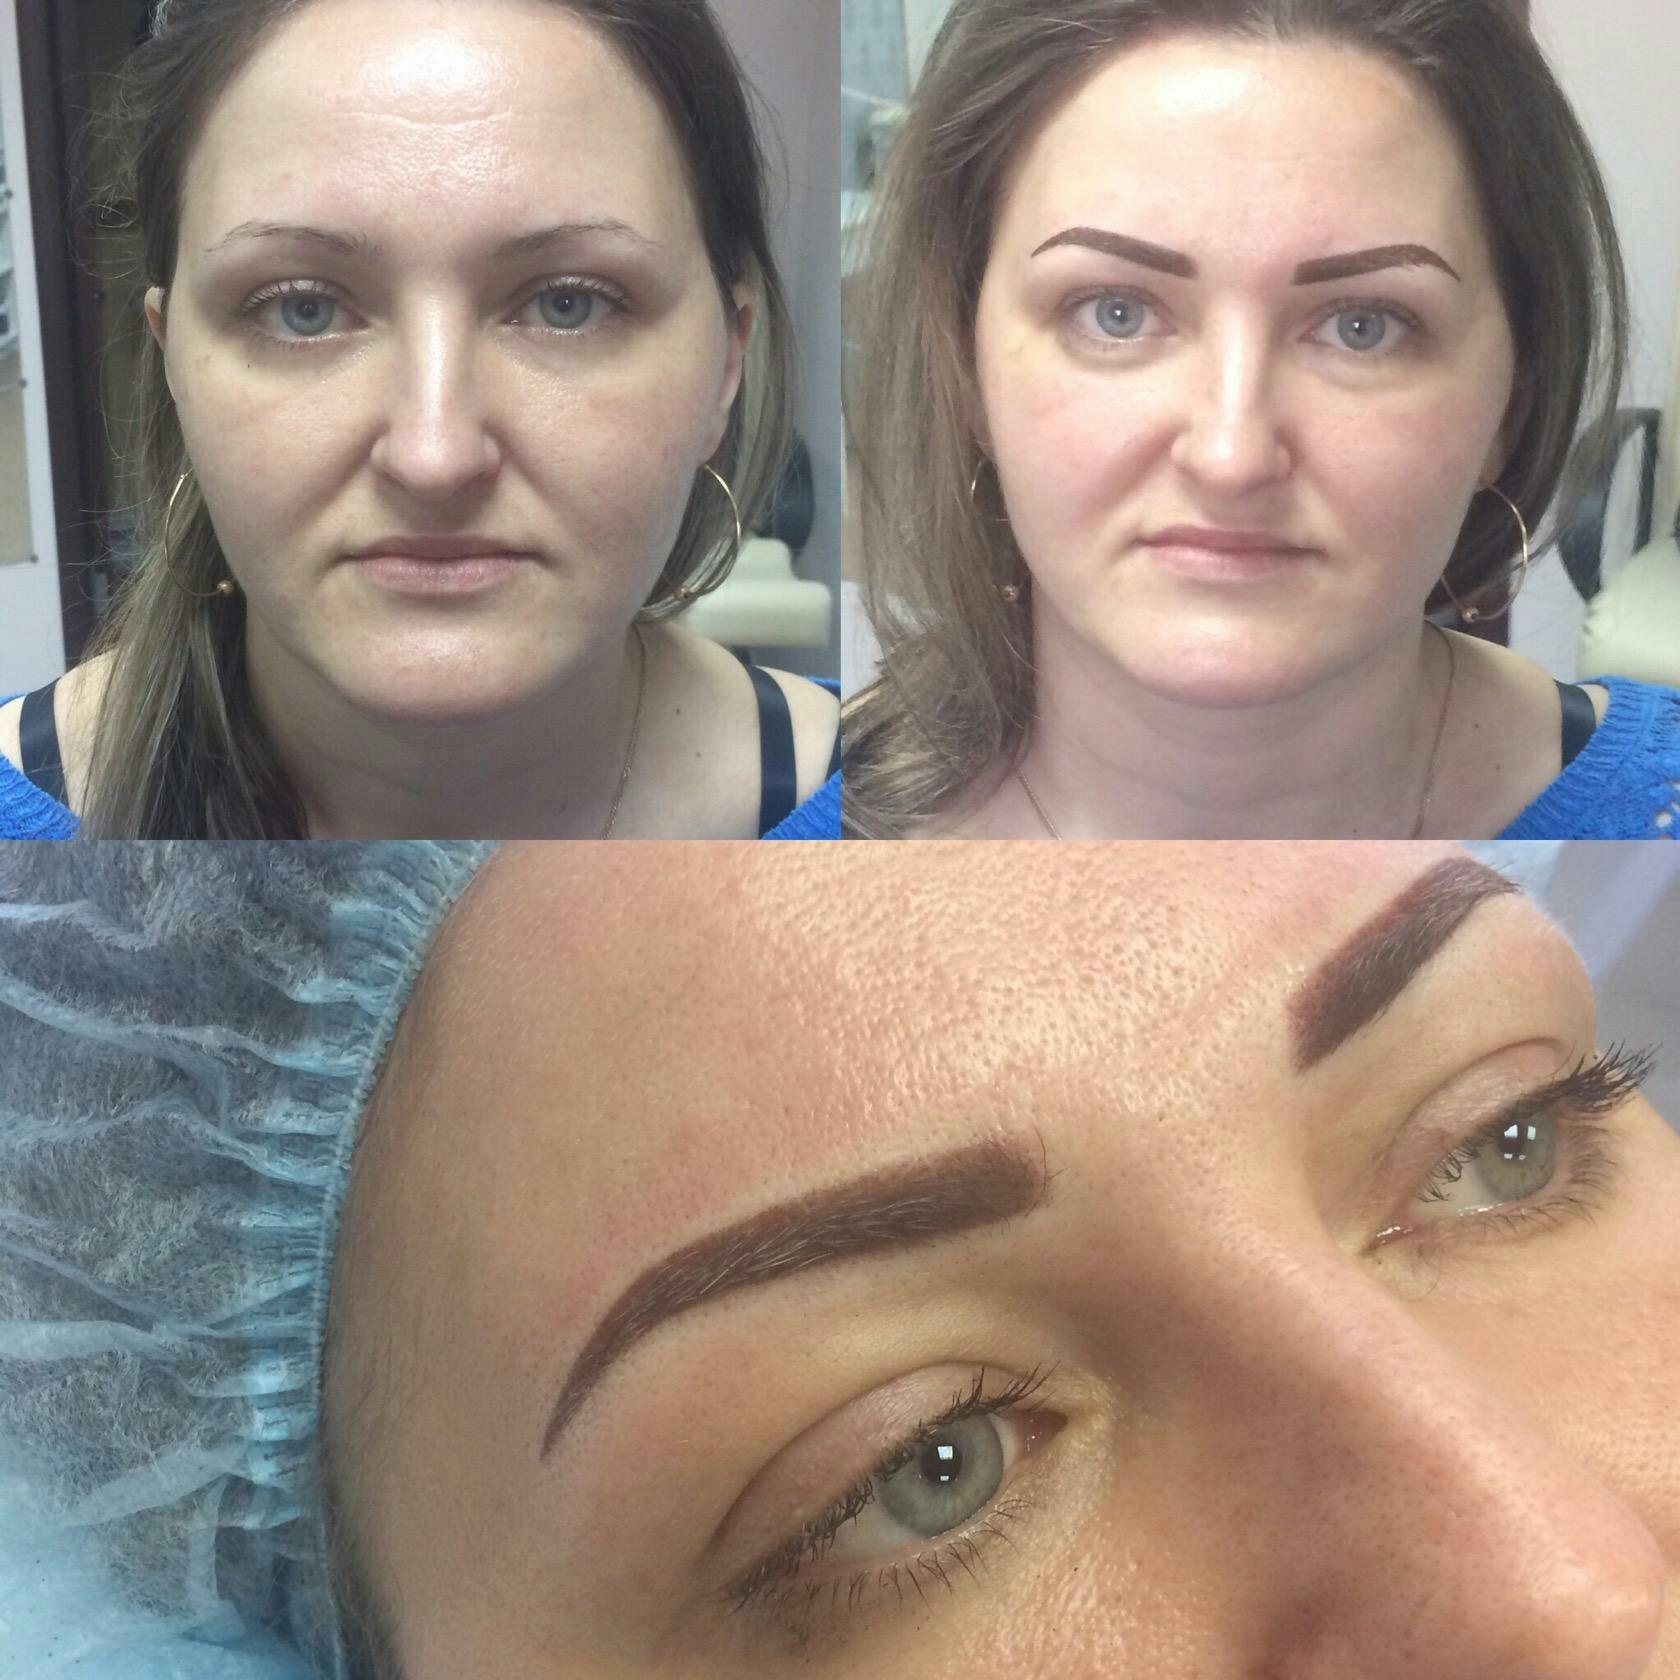 Перманентный макияж - стоит ли его делать? - центр эстетической медицины